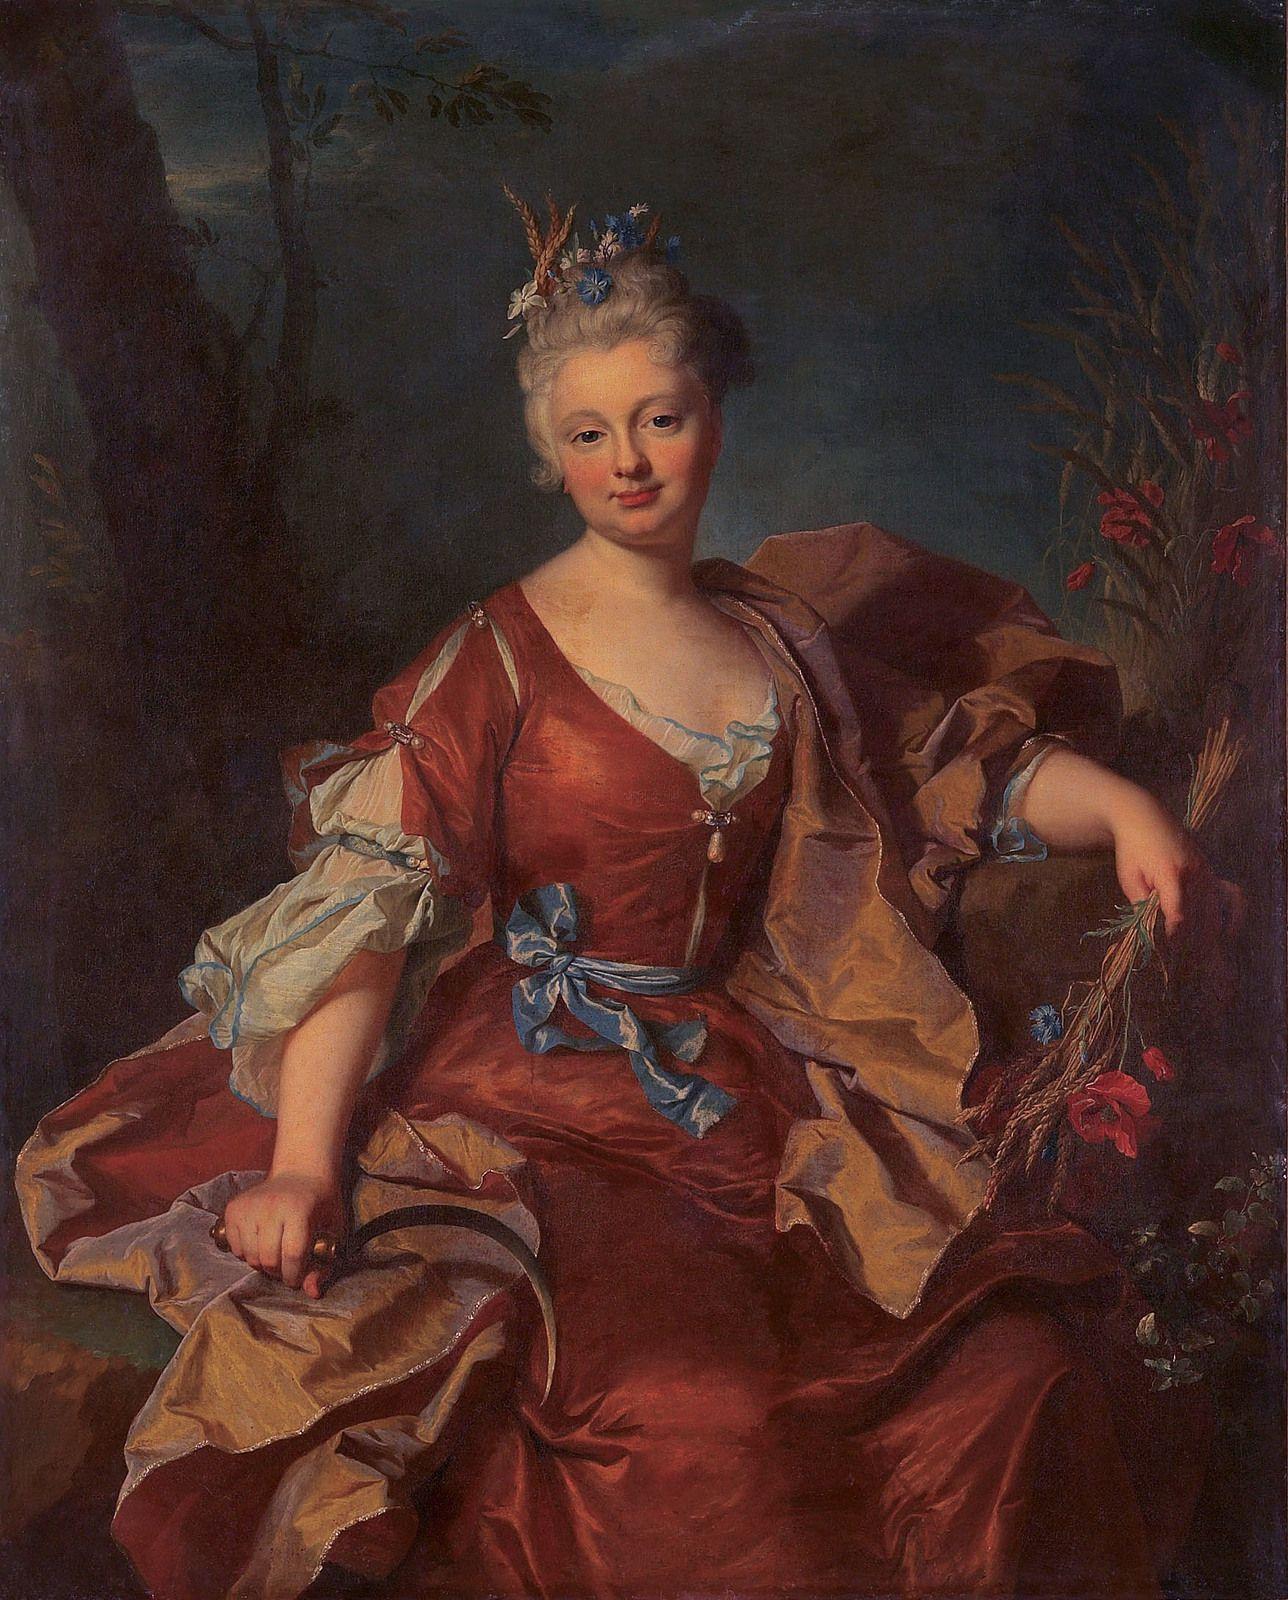 Hyacinthe Rigaud, portrait de Marguerite Henriette de La Briffe, 1712. Collection particulière © photo d.r.